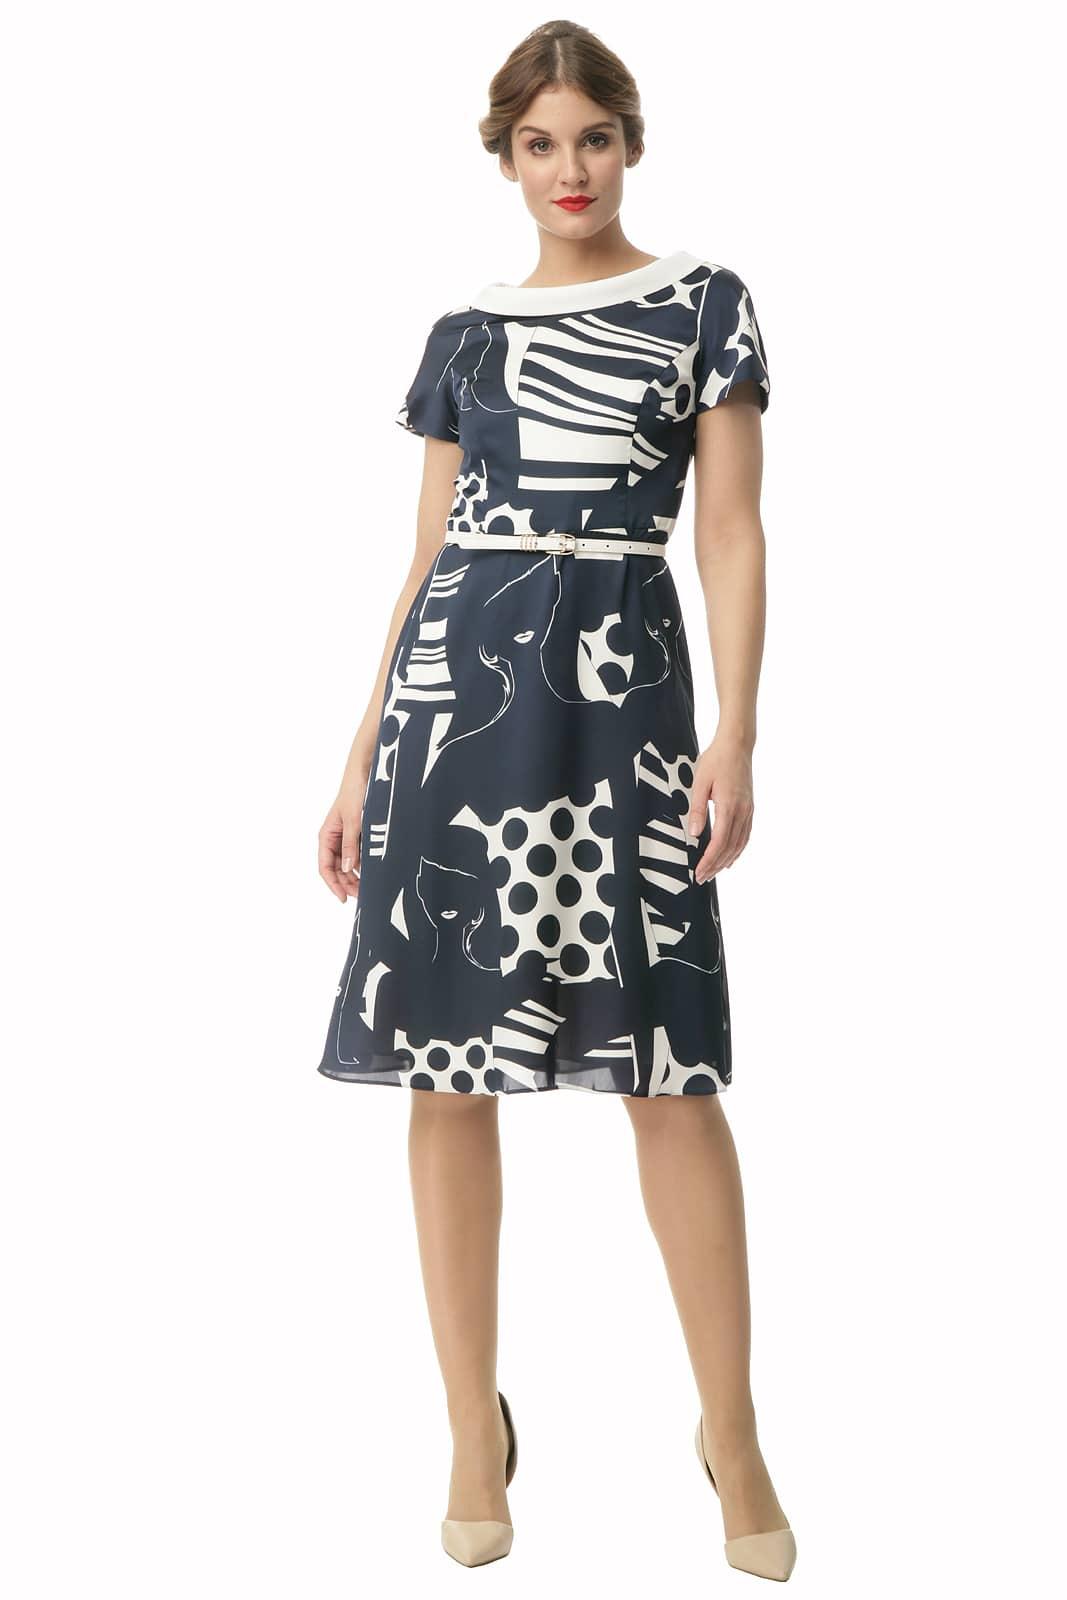 dc193f5ba8 Sukienka z białym golfikiem Grażyna - Modesta - ponad 30 lat na rynku